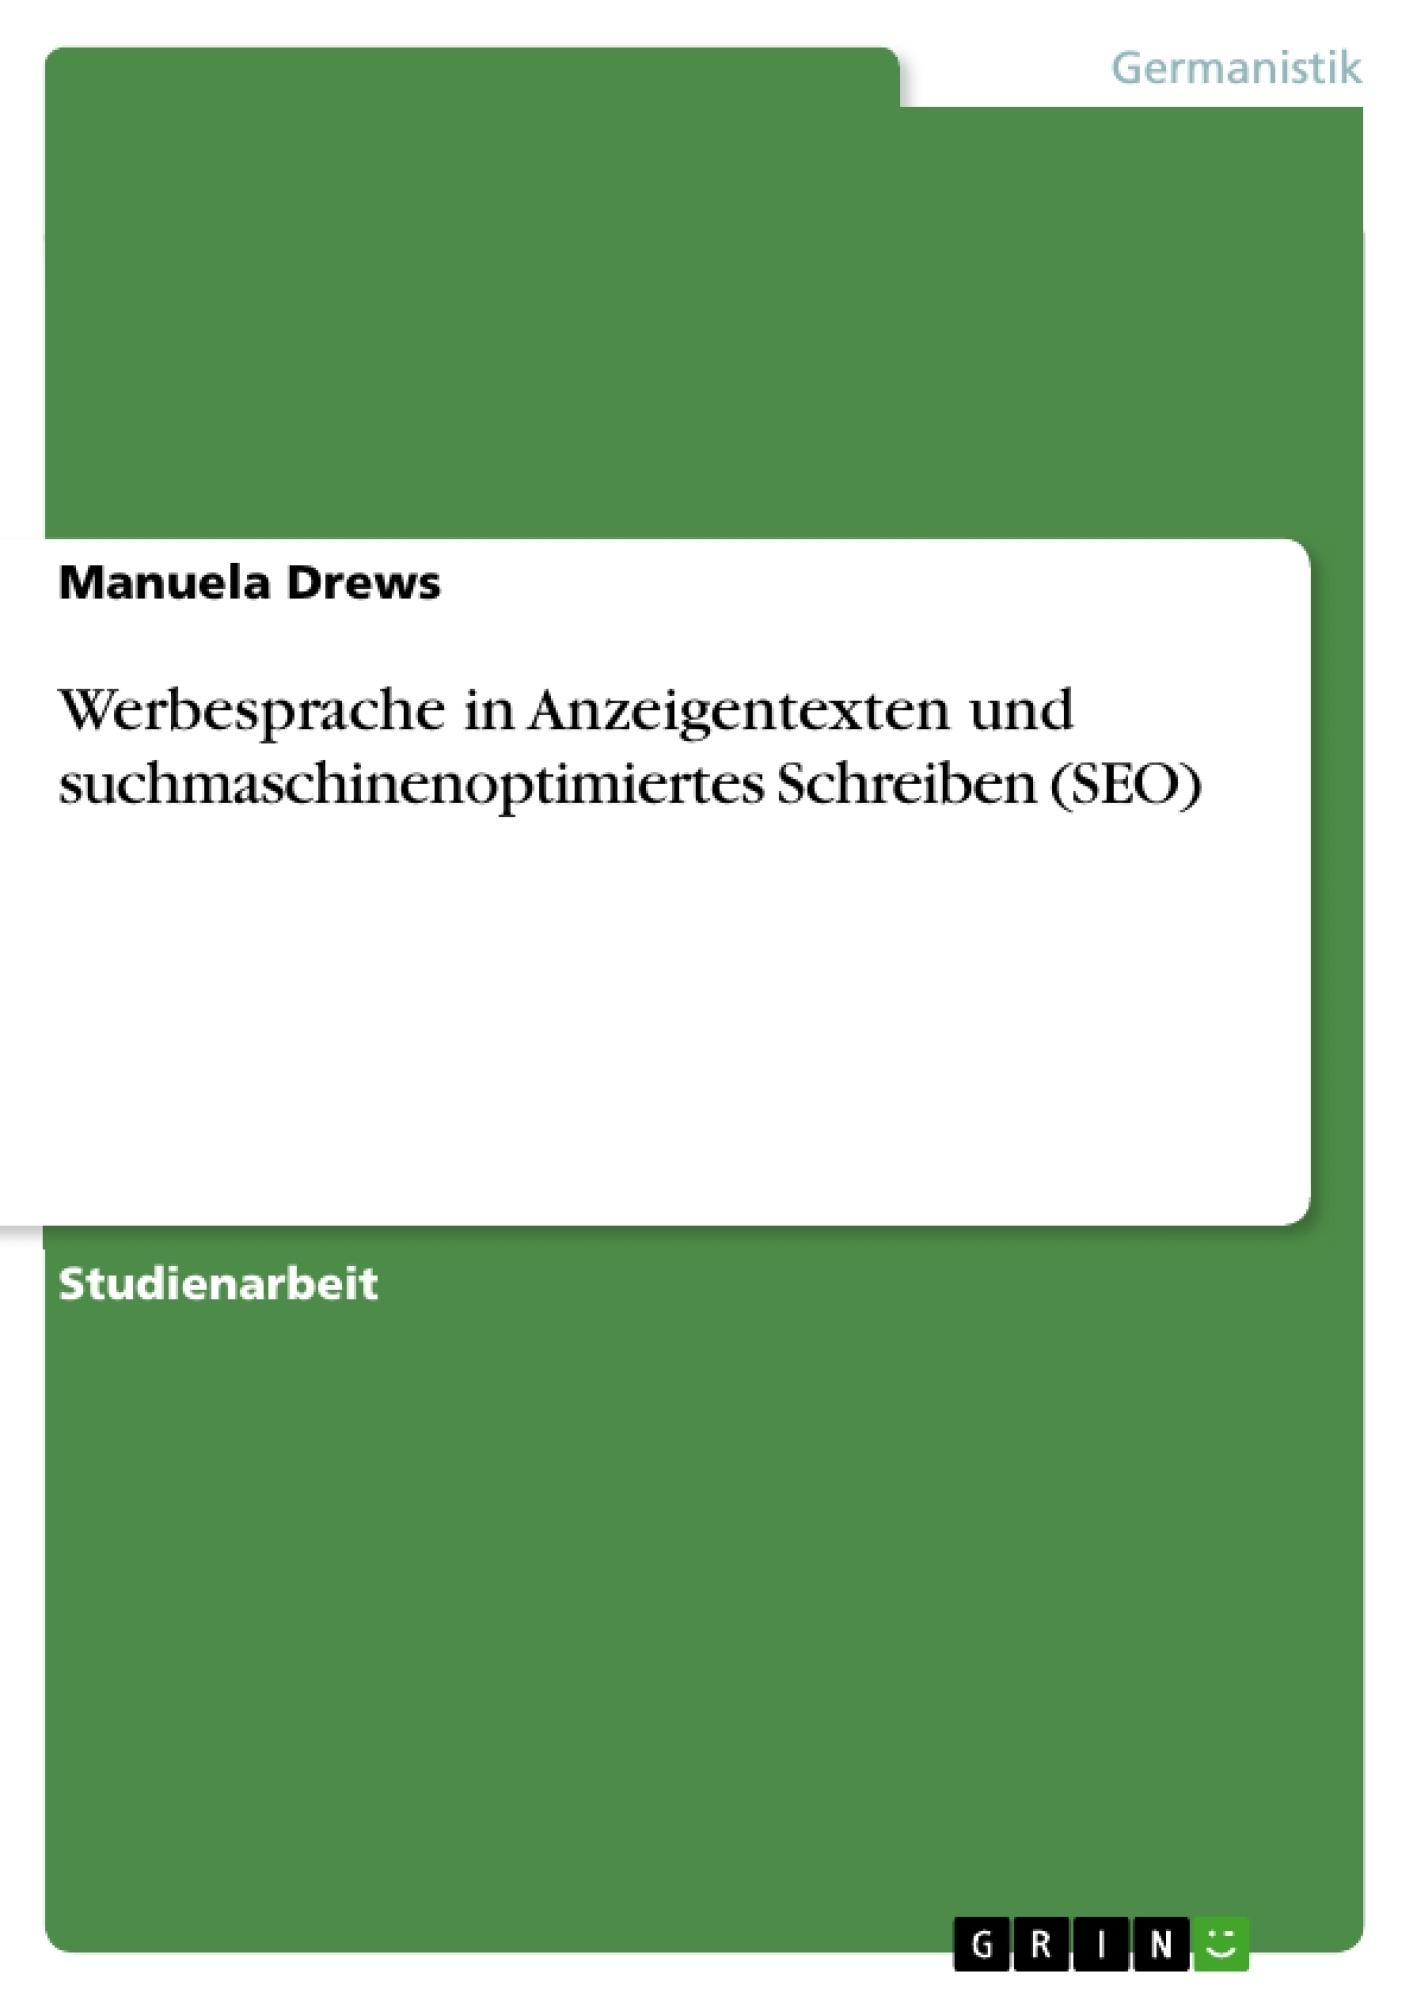 Titel: Werbesprache in Anzeigentexten und suchmaschinenoptimiertes Schreiben (SEO)